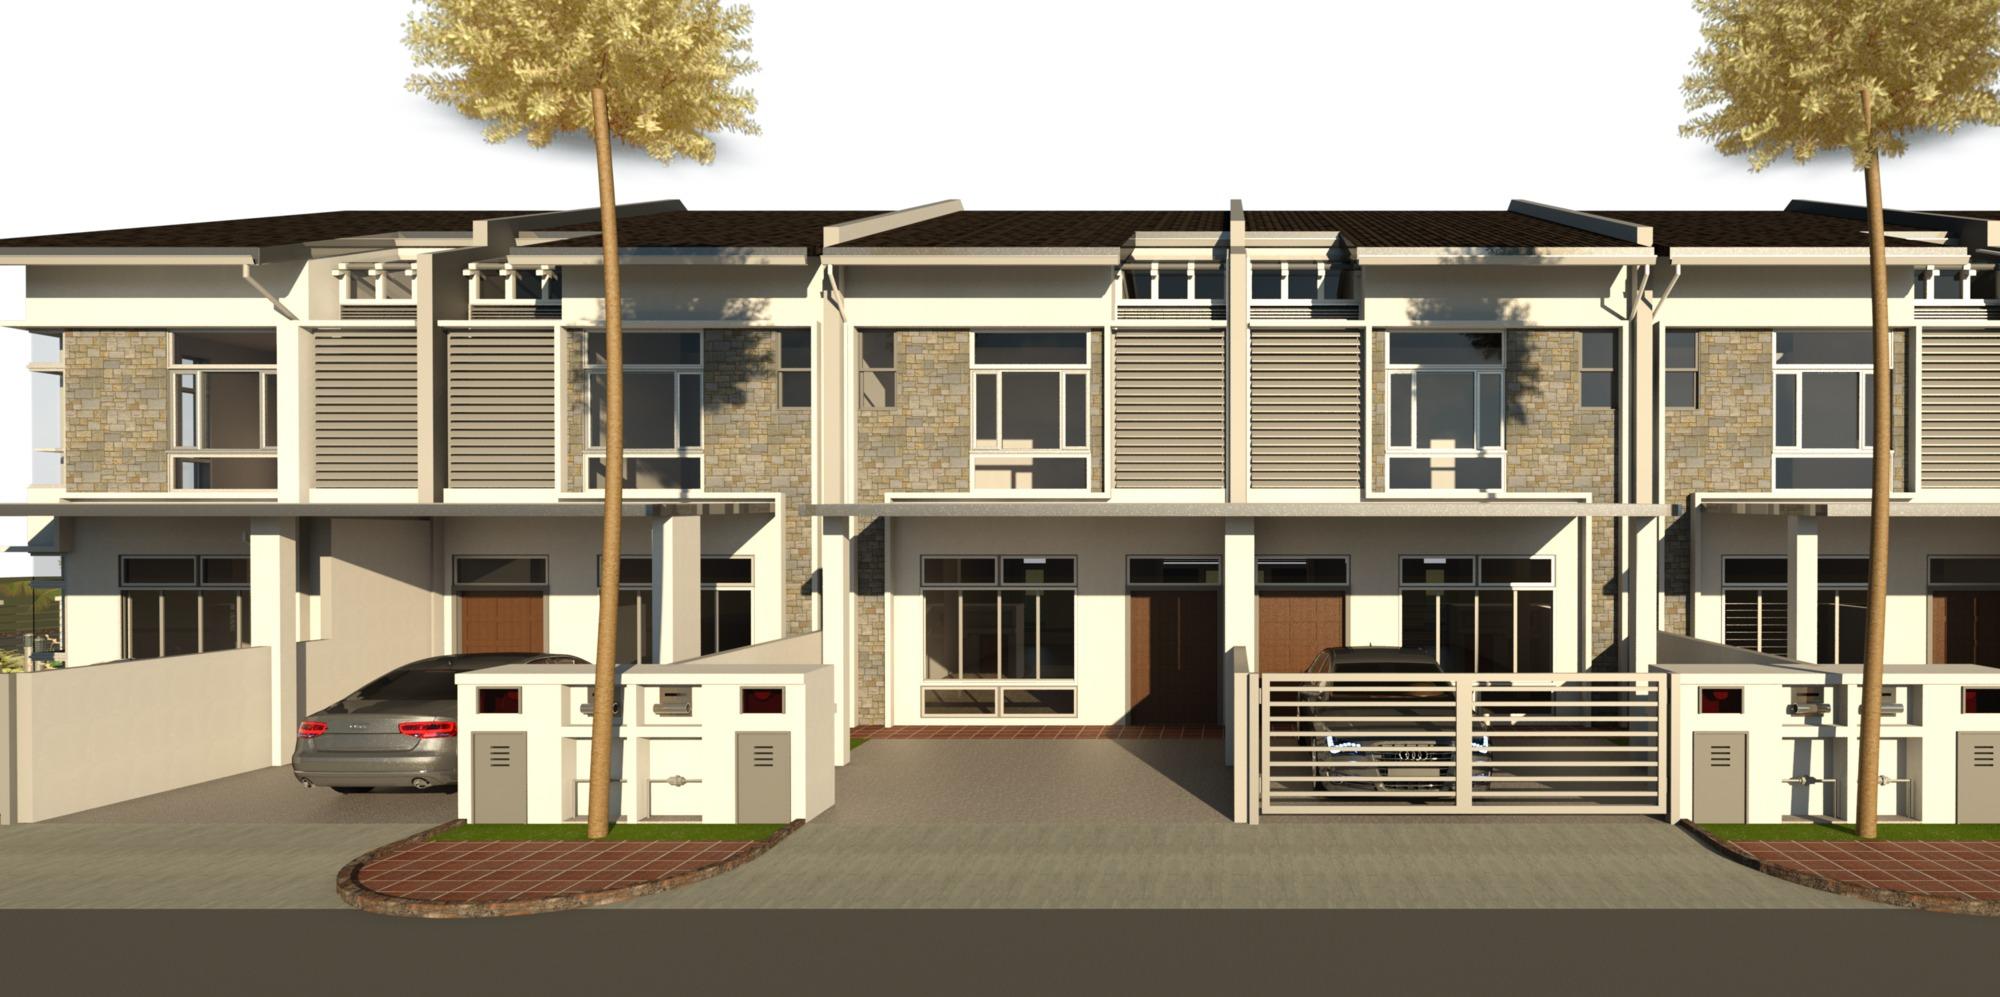 Raas-rendering20150204-17576-12qjmi0